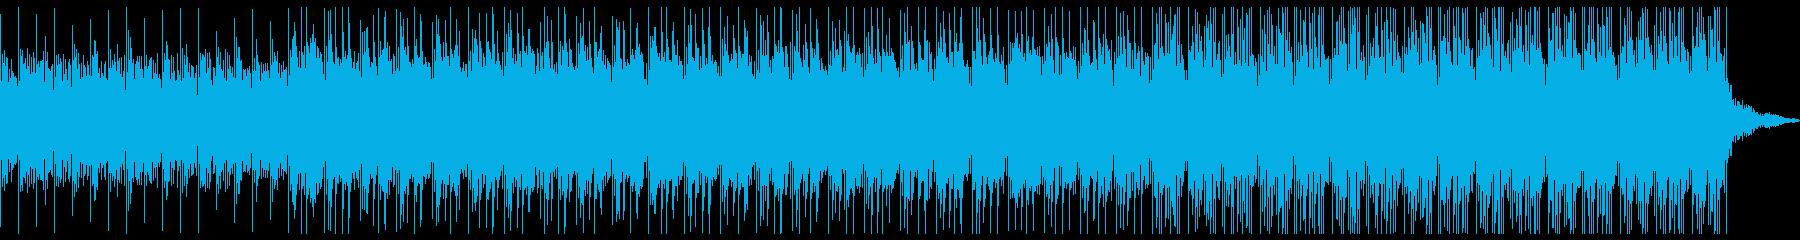 ニュース読みBGM/クール/淡々との再生済みの波形